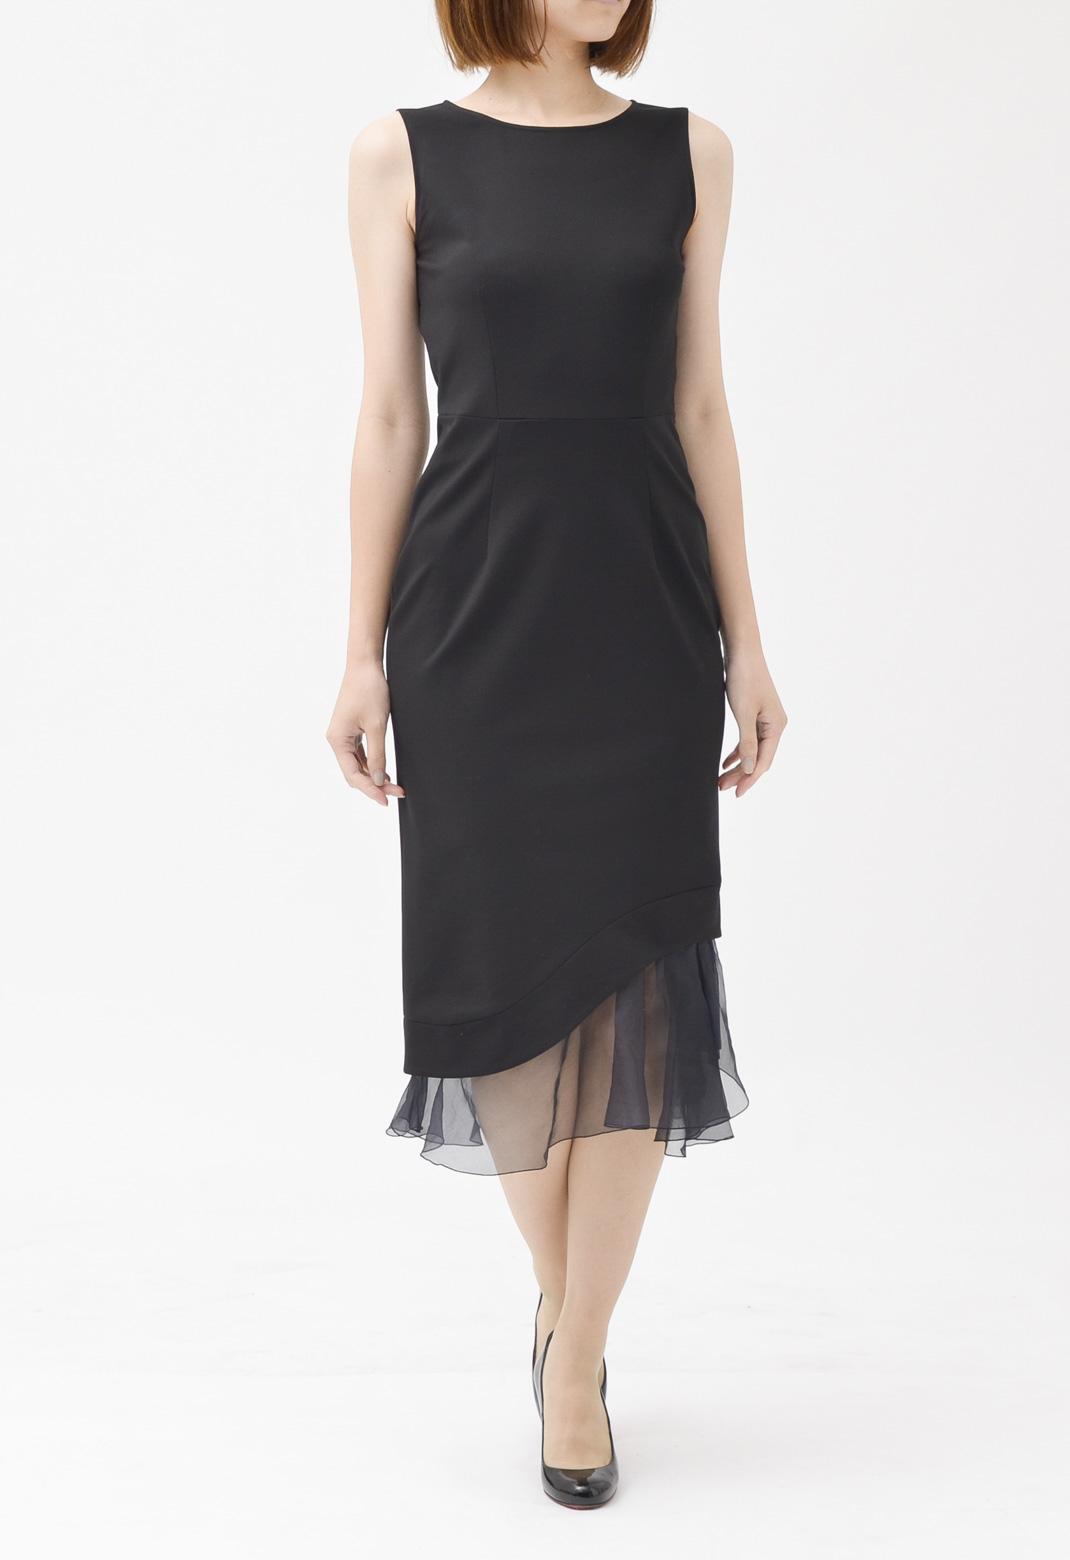 裾オーガンジー ノースリーブ ドレス